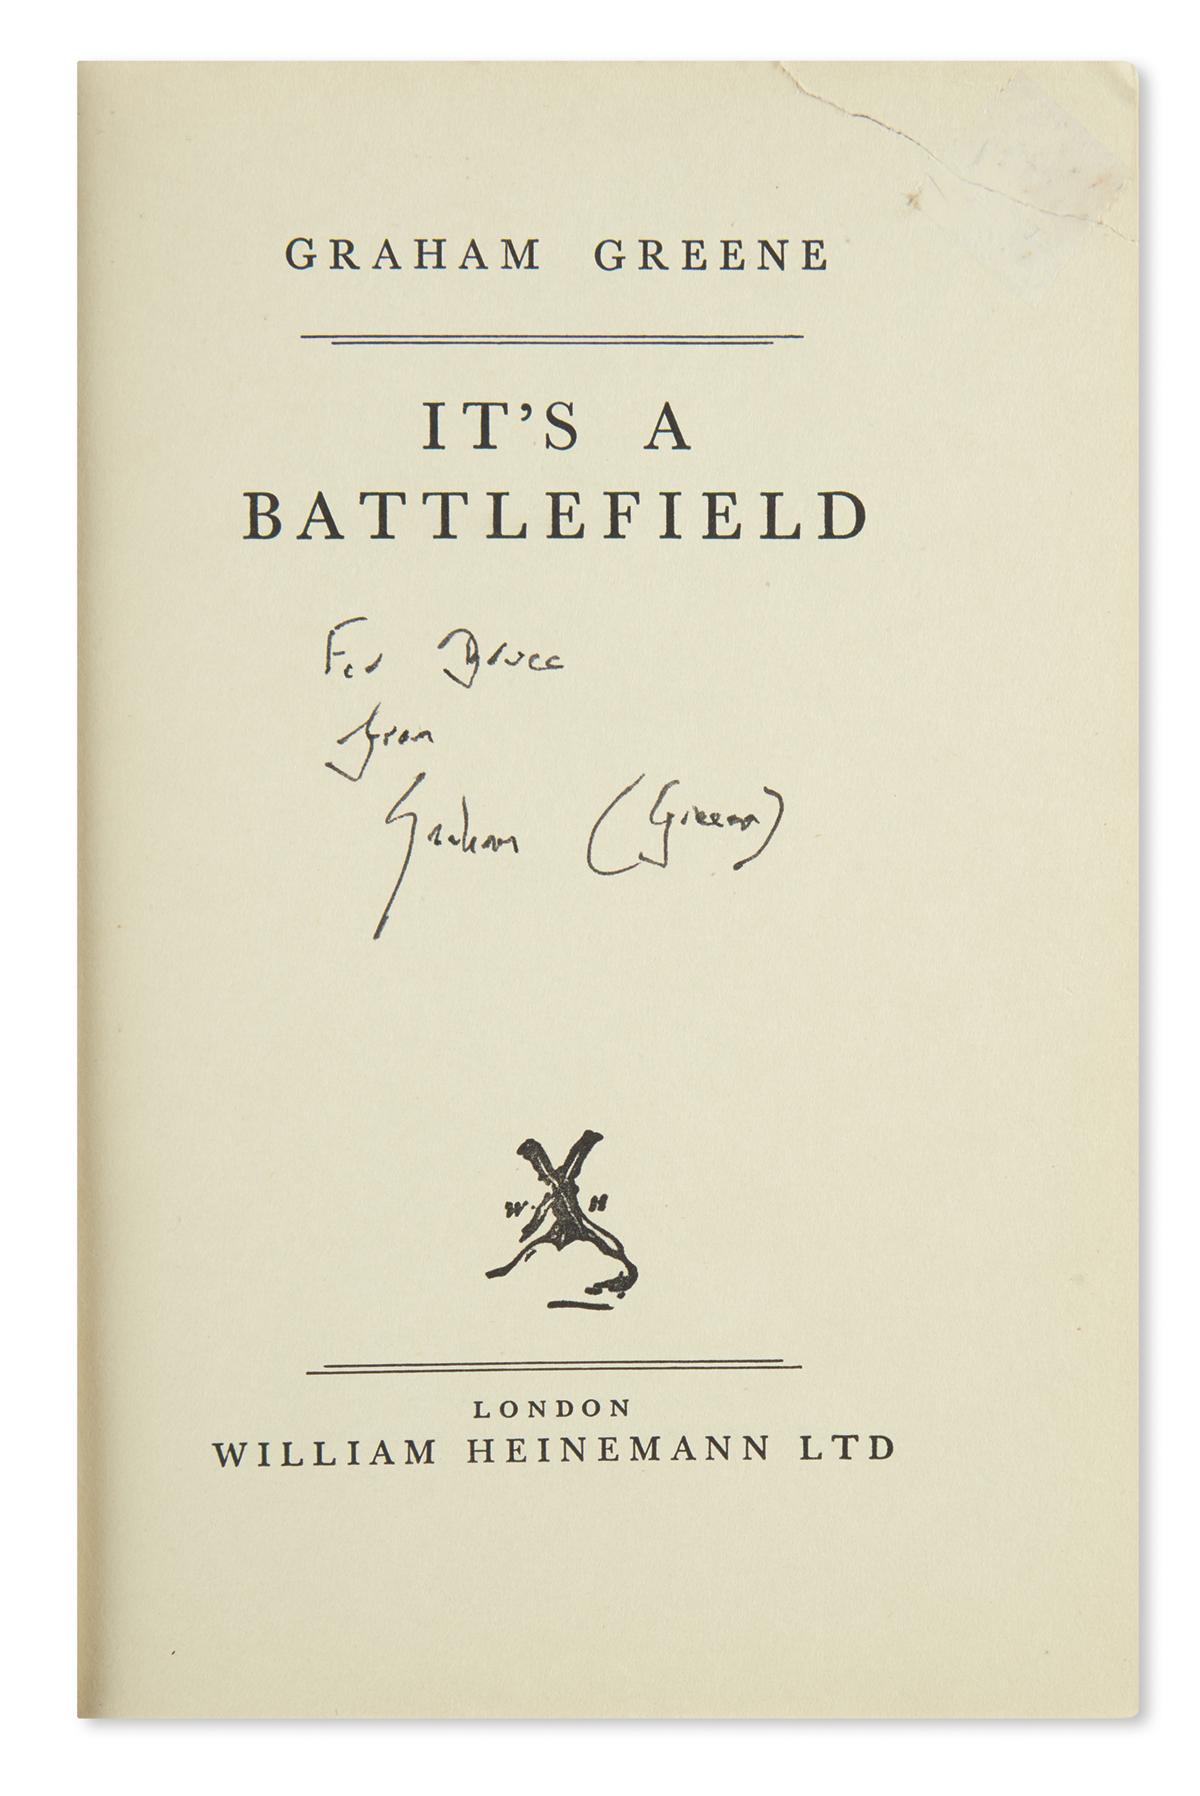 GREENE, GRAHAM. Its a Battlefield.